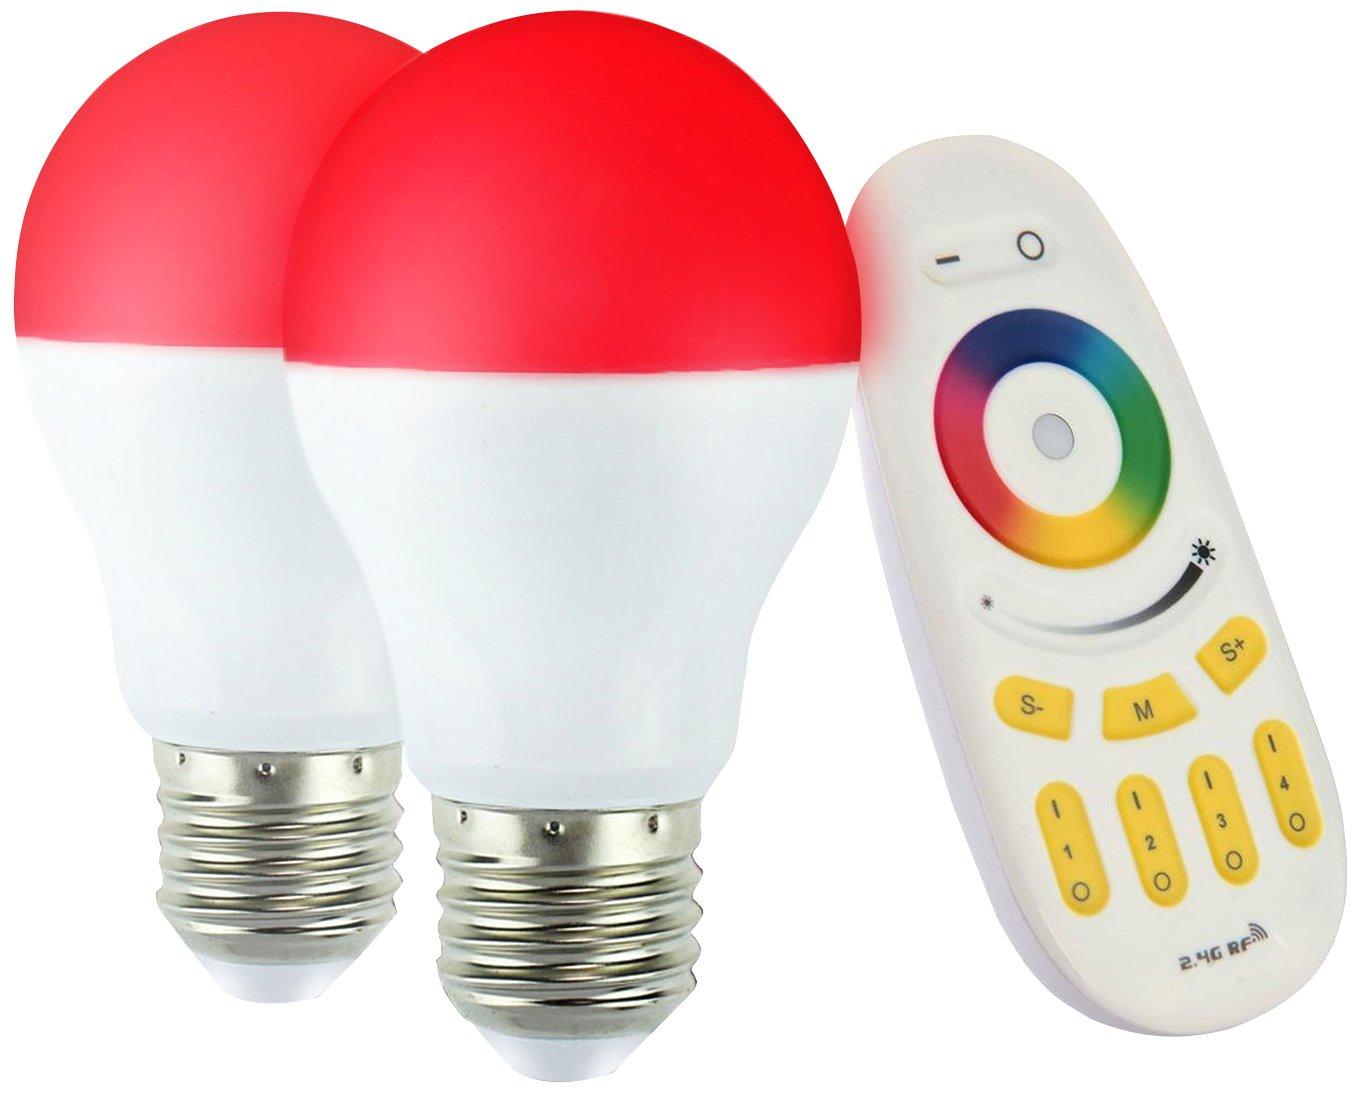 farb led lampen im vergleich top 6 wirkung von farbigem licht. Black Bedroom Furniture Sets. Home Design Ideas